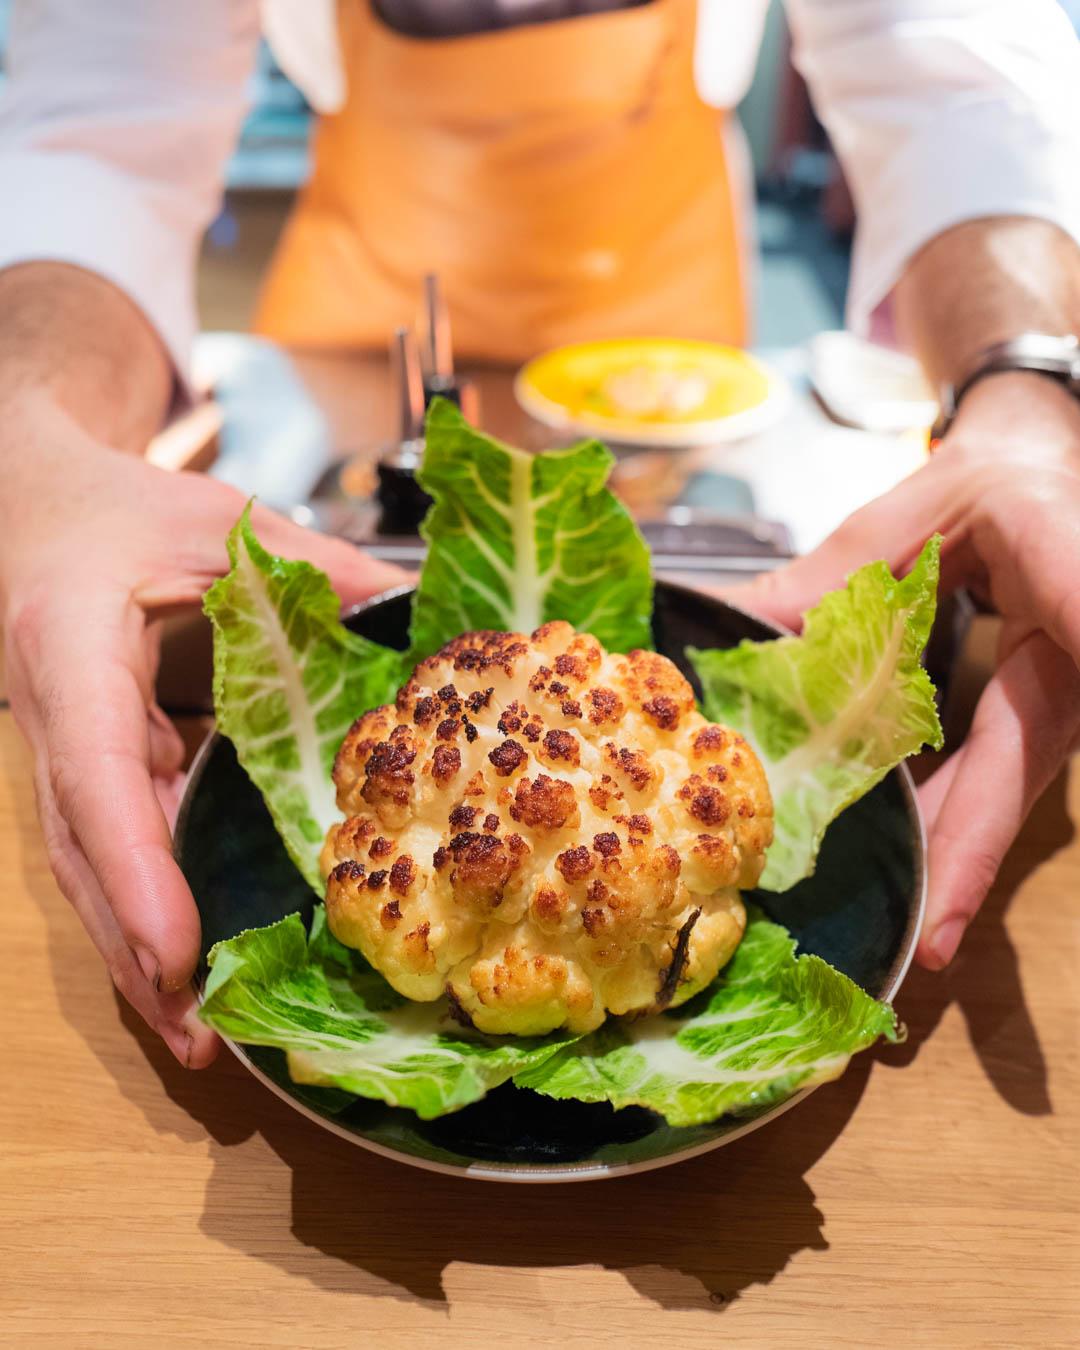 Chou fleur roti -Brach - Restaurant - Hemblem